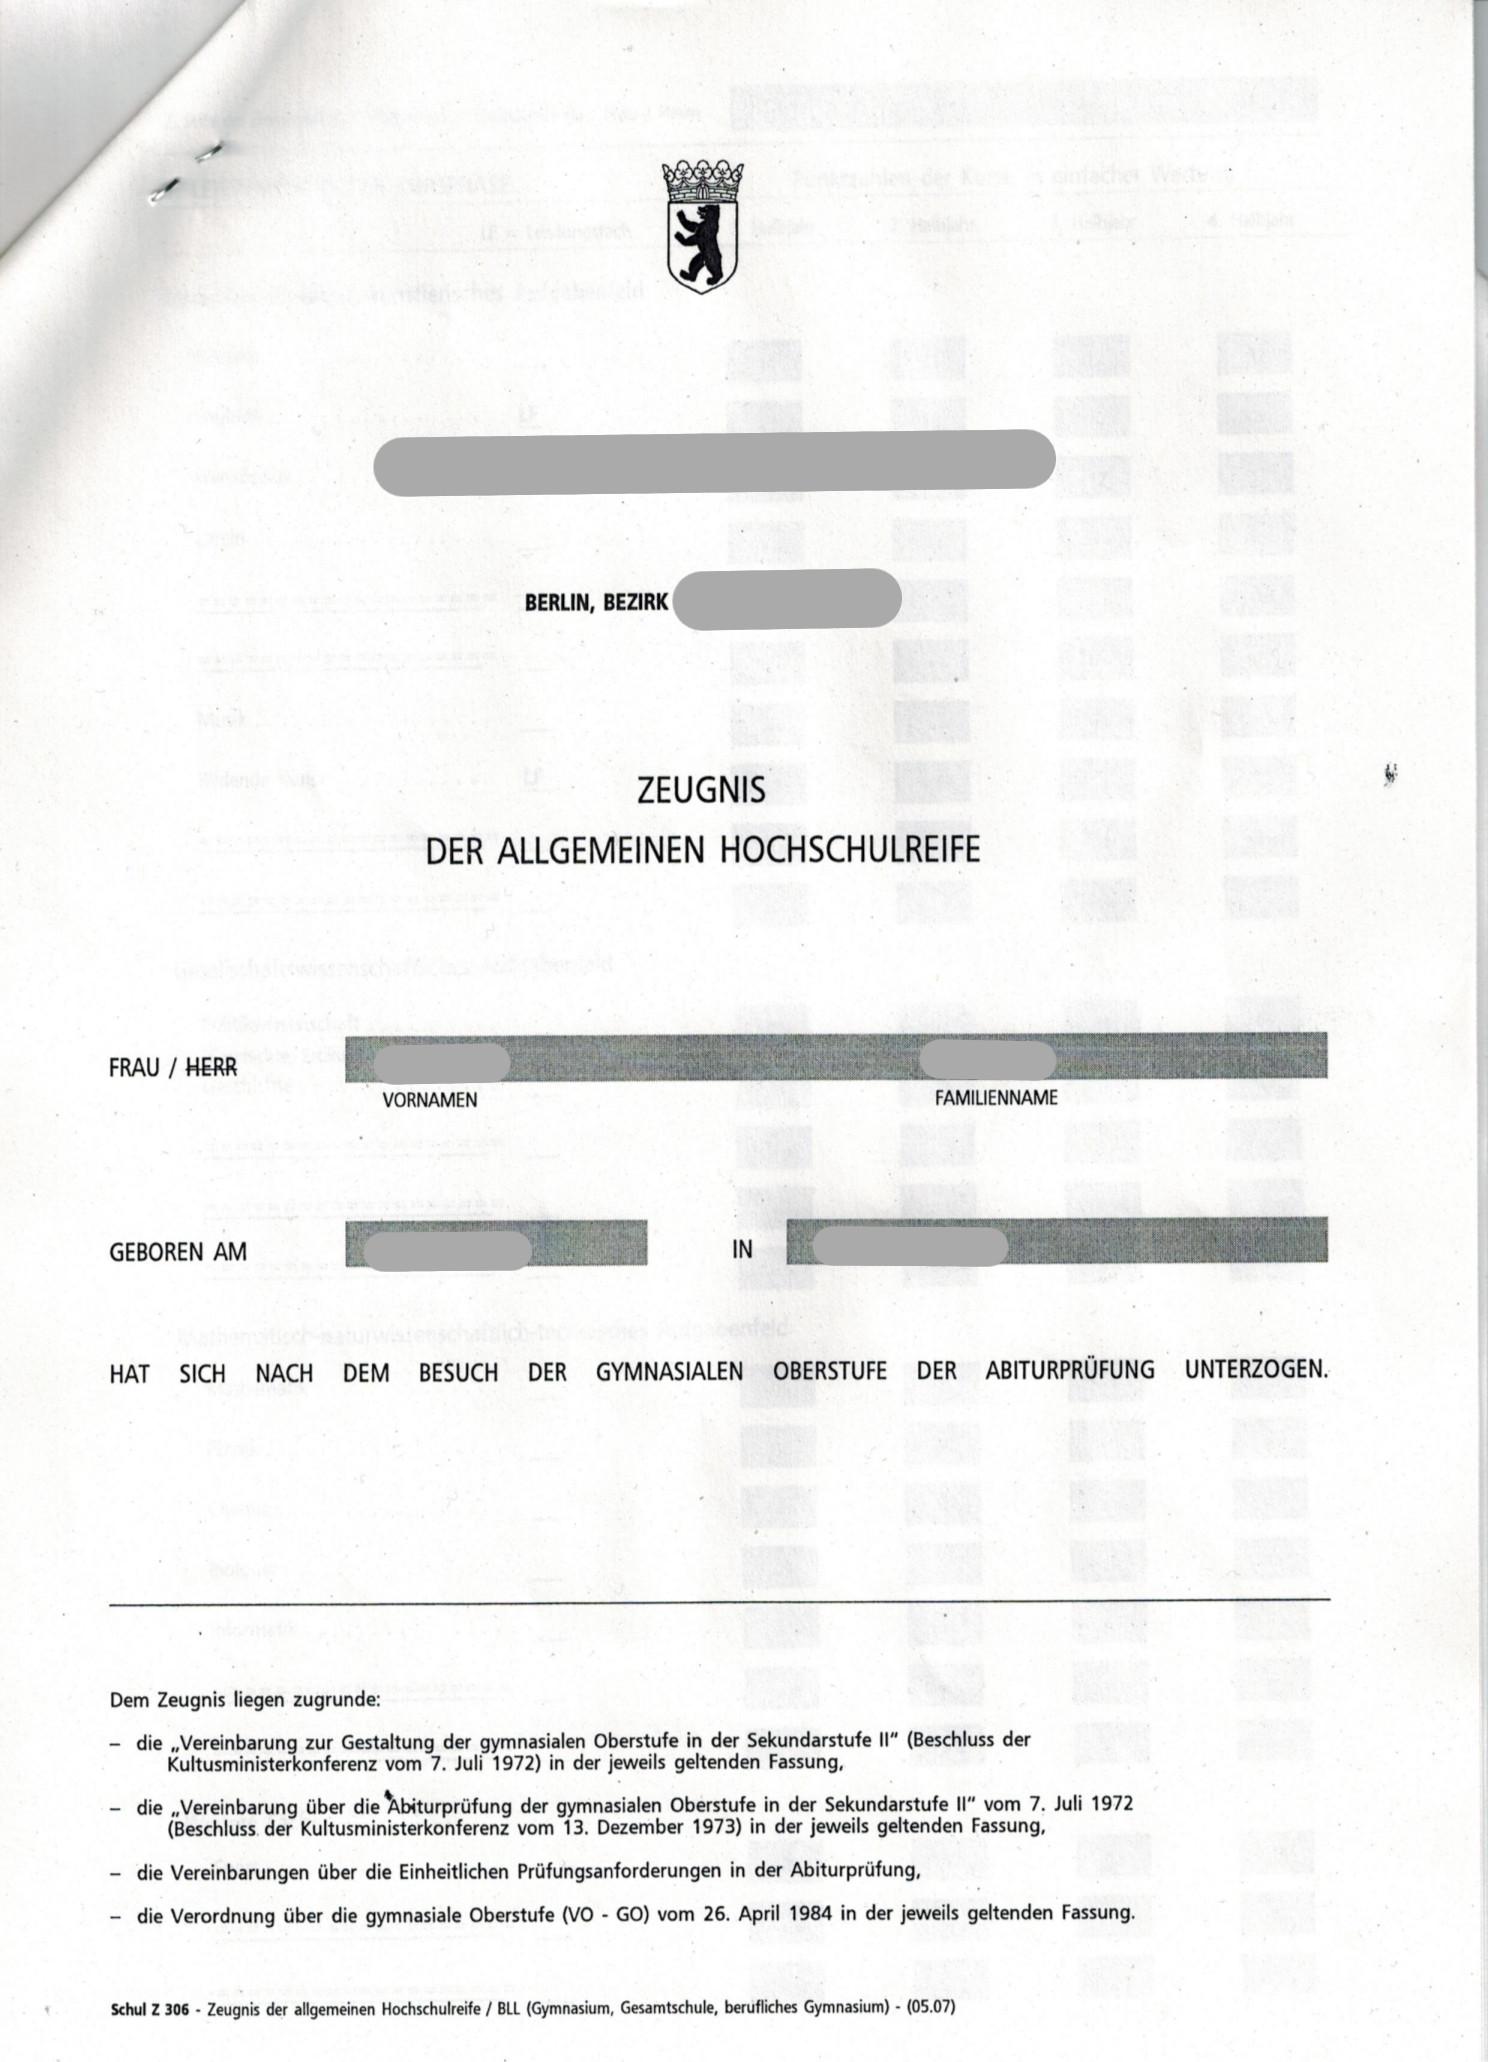 Abi Abitur Abiturzeugnis Kaufen Berufszertifikate Diplome 8